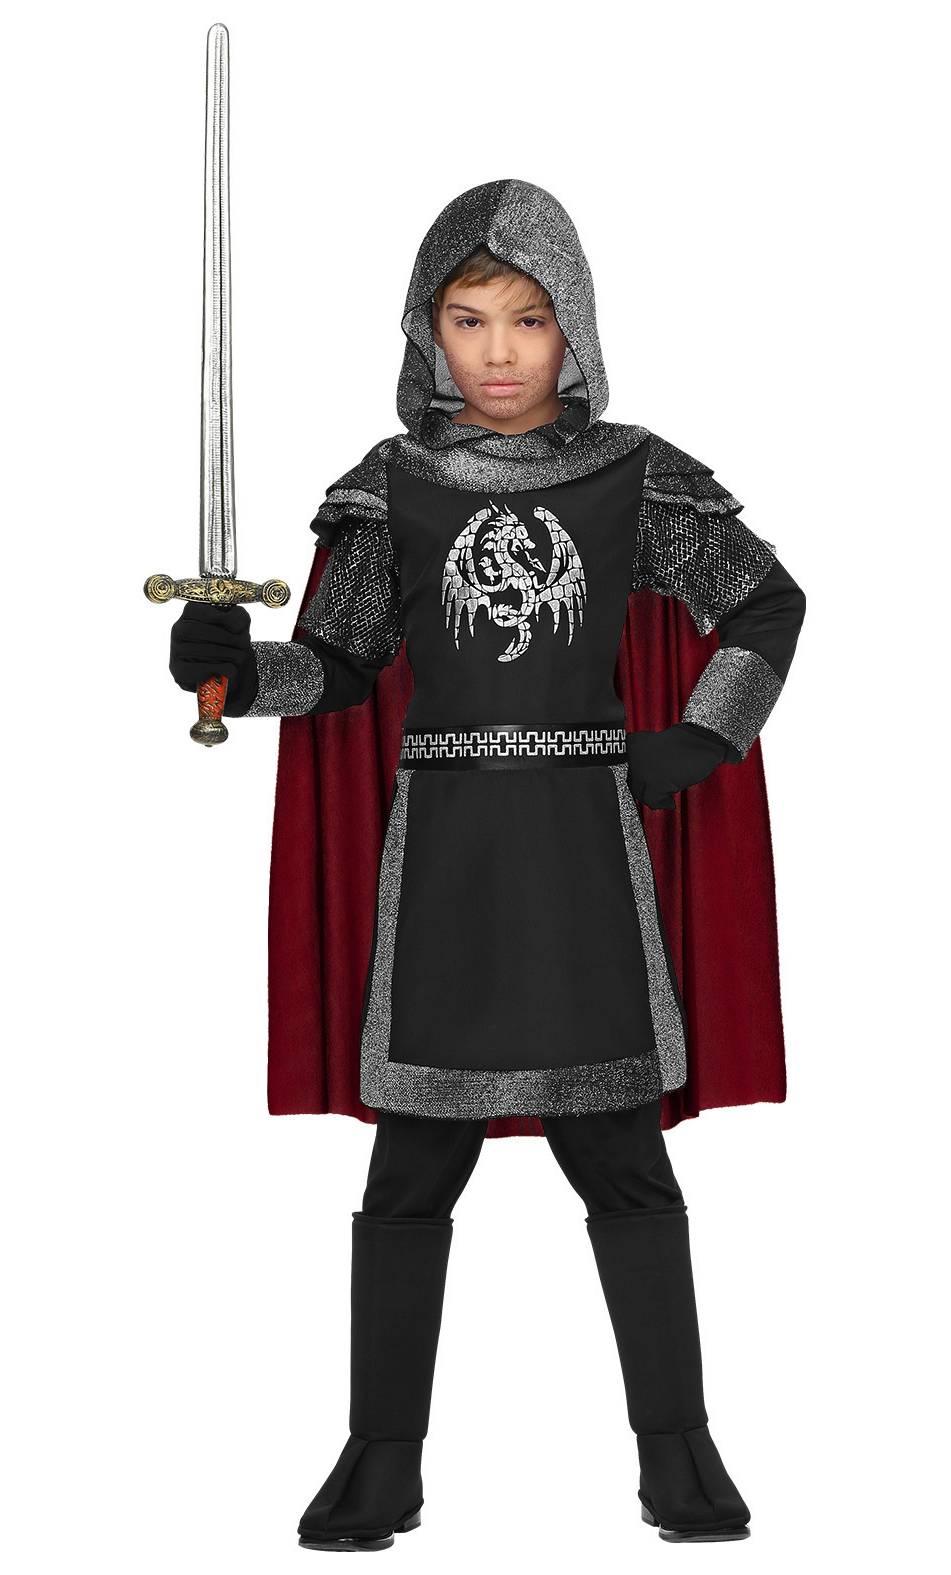 Costume-de-chevalier-enfant-2